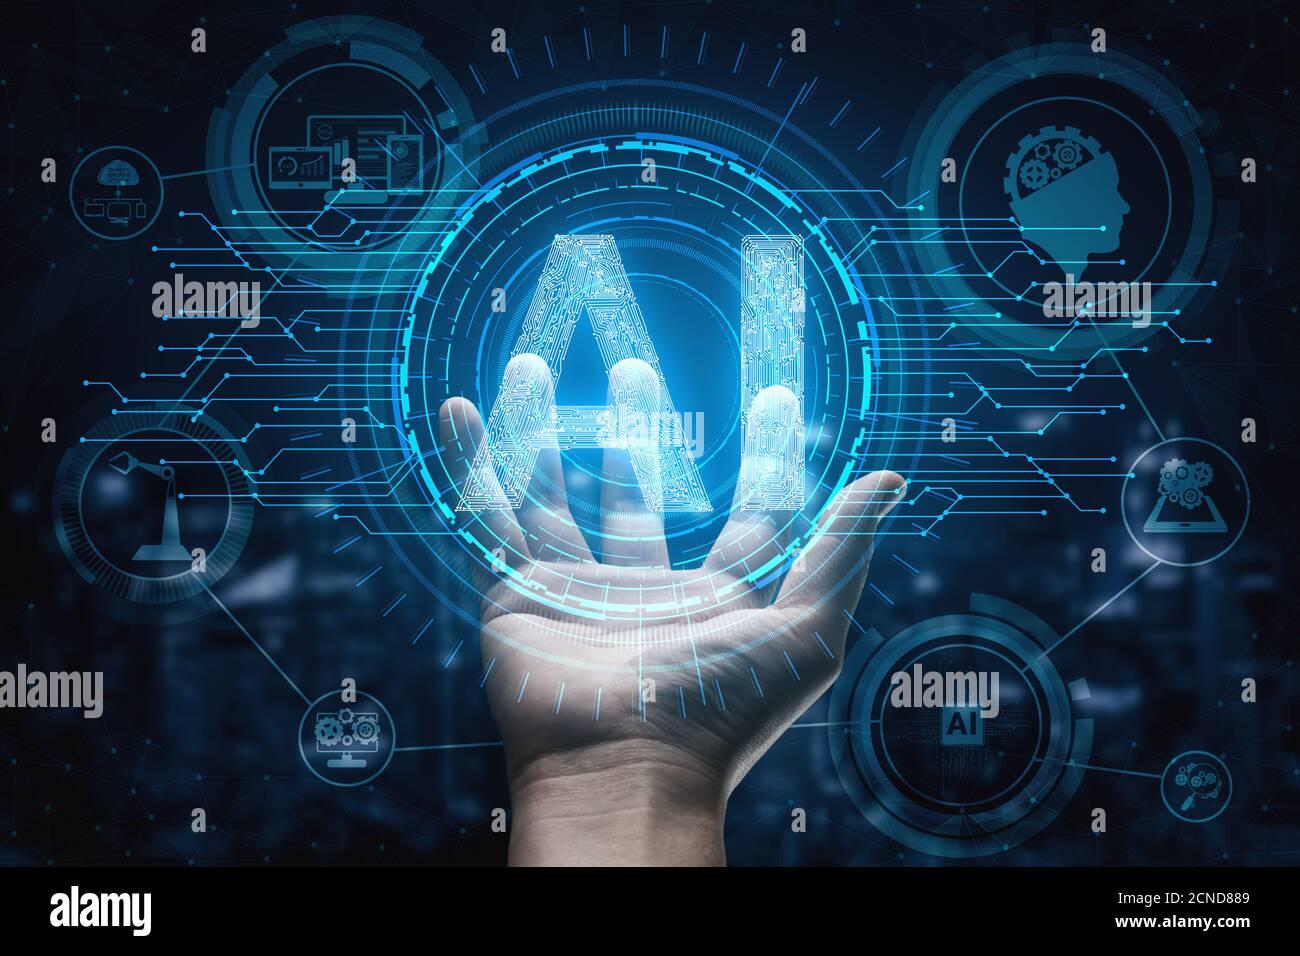 AI Inteligencia artificial y aprendizaje concepto icono - Interfaz gráfica mostrando equipo, máquina de pensar y AI Inteligencia artificial de Digital Foto de stock